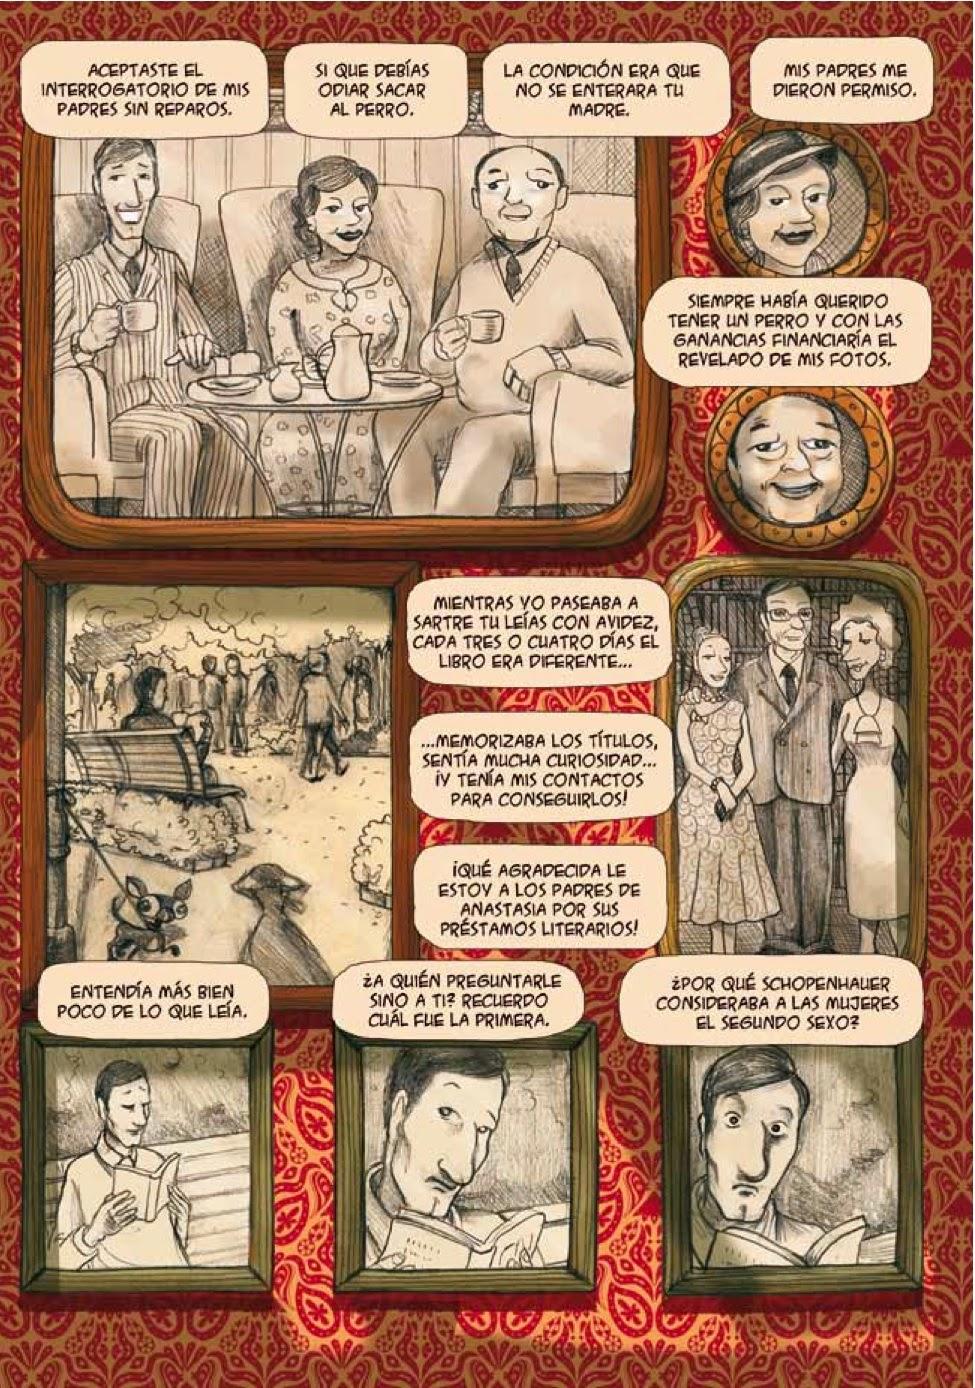 Recuerdos de Perrito de Mierda by Marta Alonso Berna, Dibbuks, March, 2014